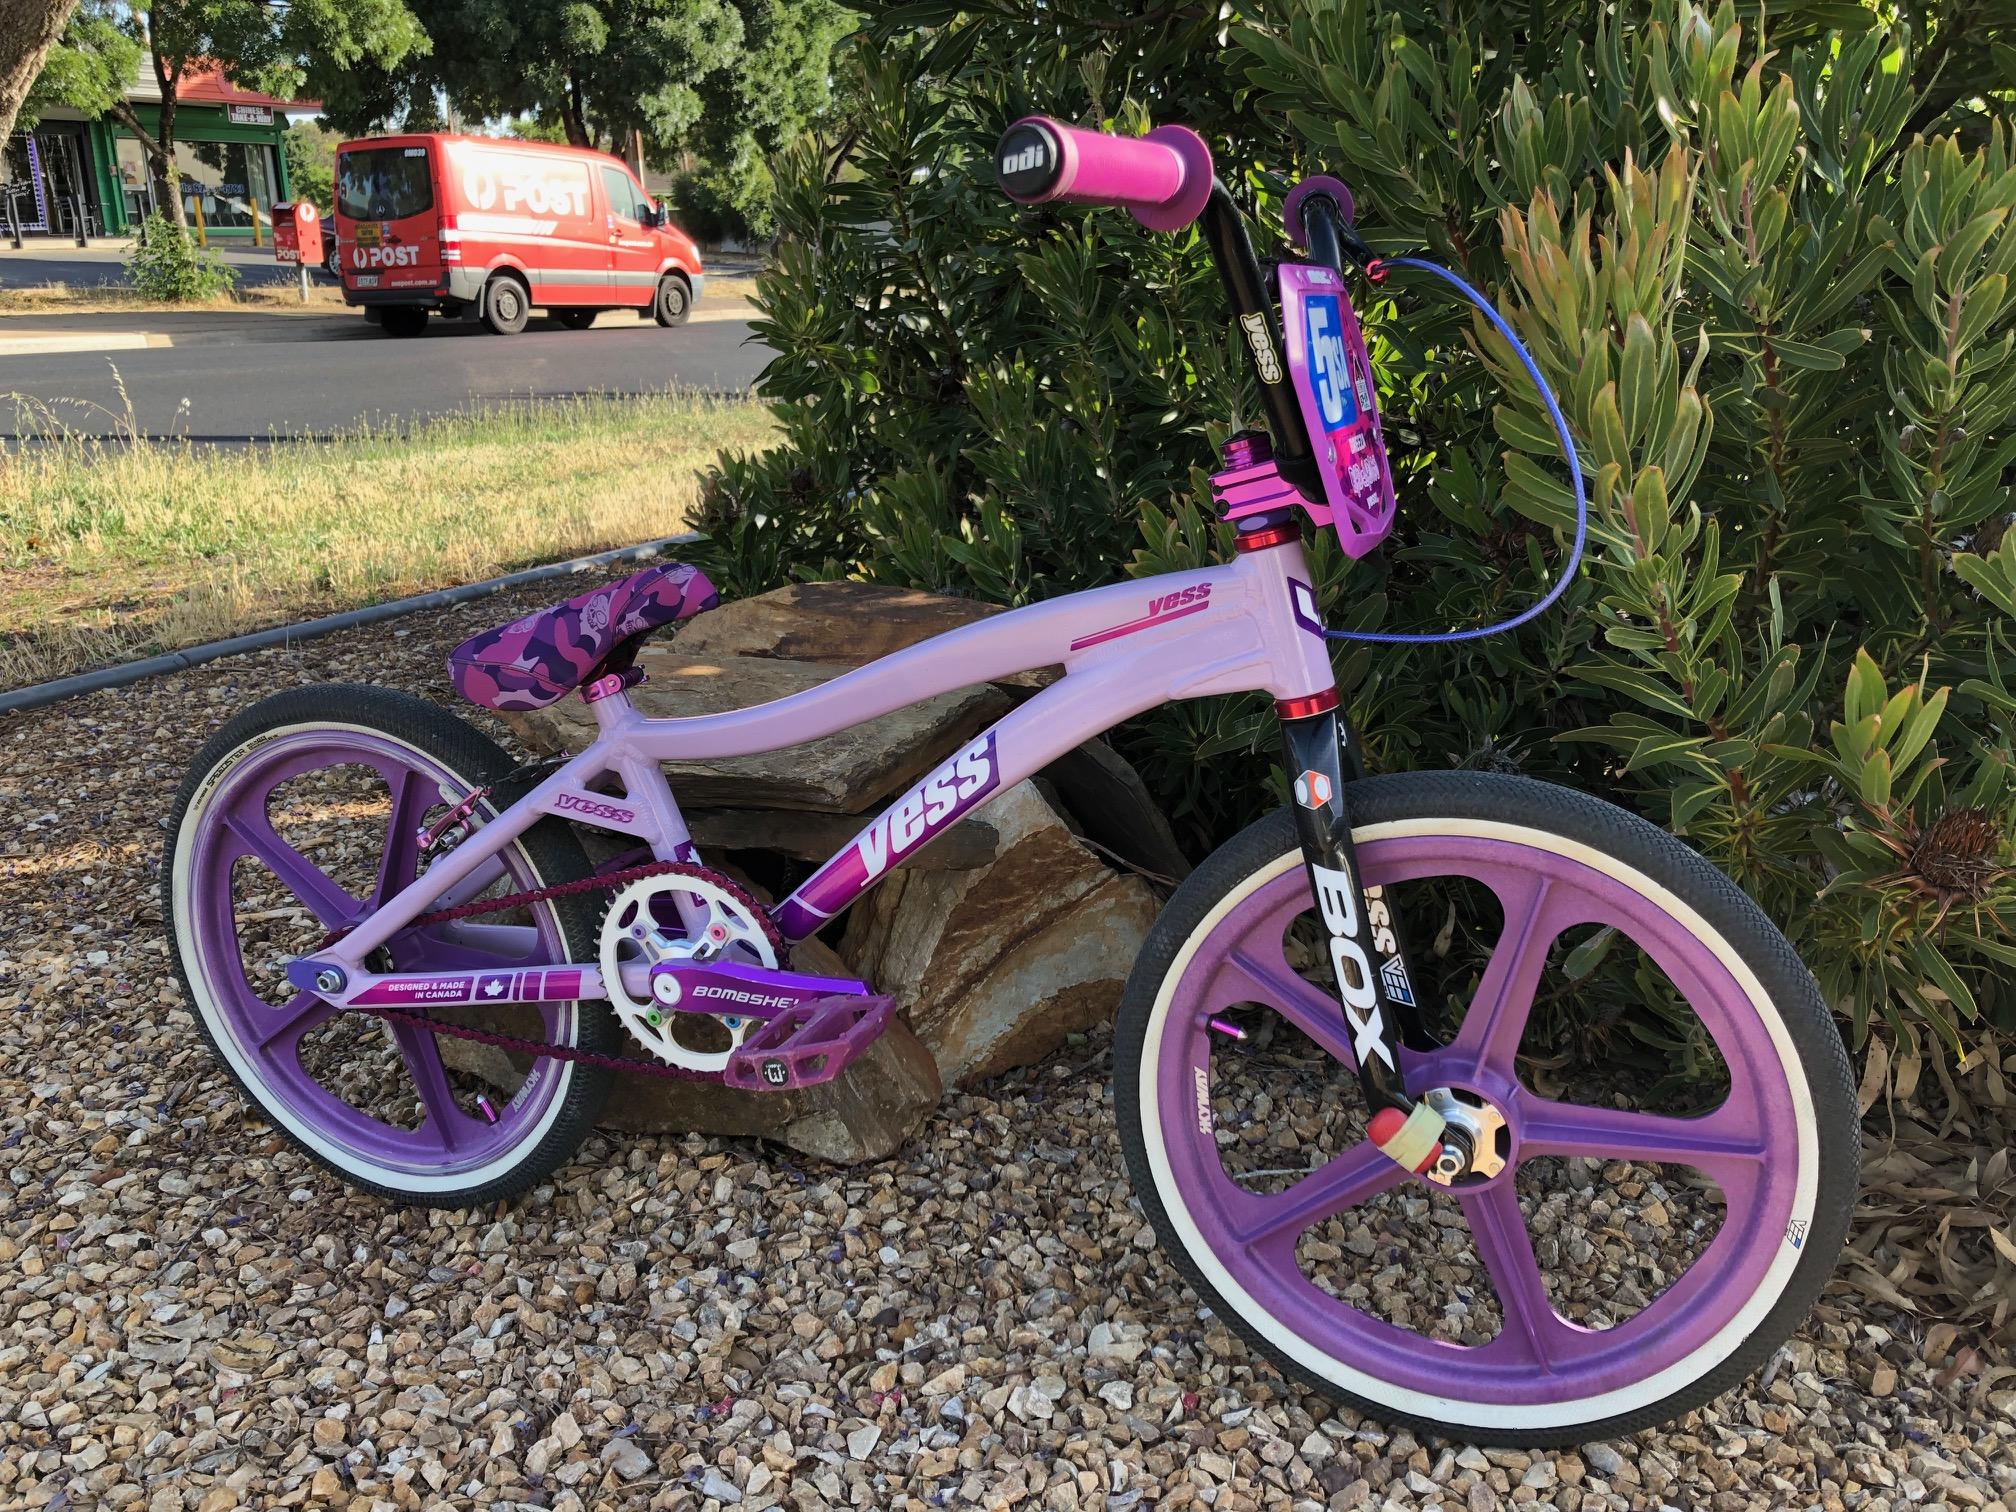 purple YESS Pro XL